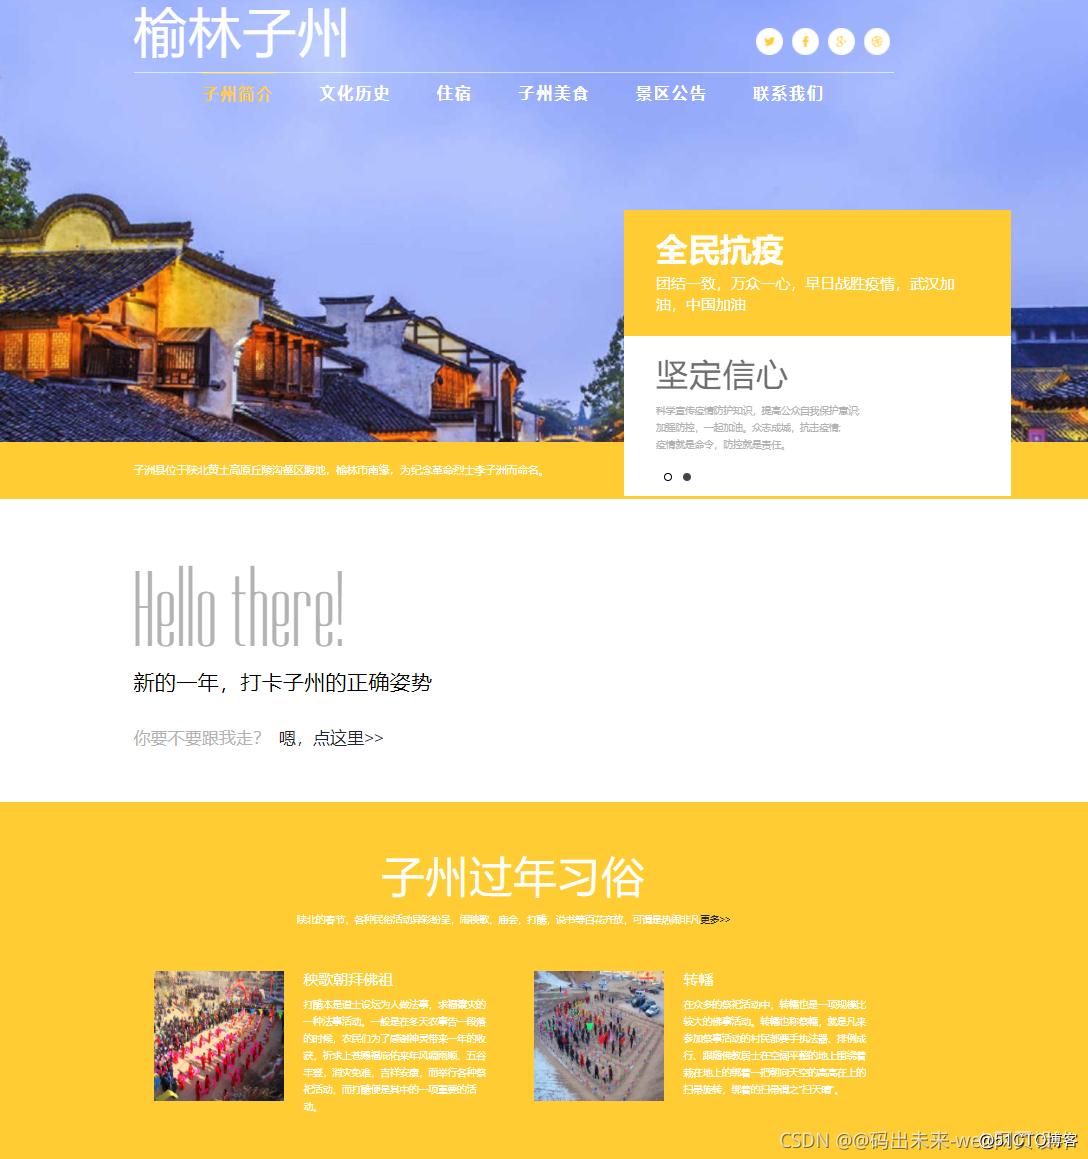 HTML5期末大作业:关于旅游景点介绍的HTML网页设计——榆林子州 8页 (含毕设论文9000字) 建议收藏_家乡介绍网页HTML